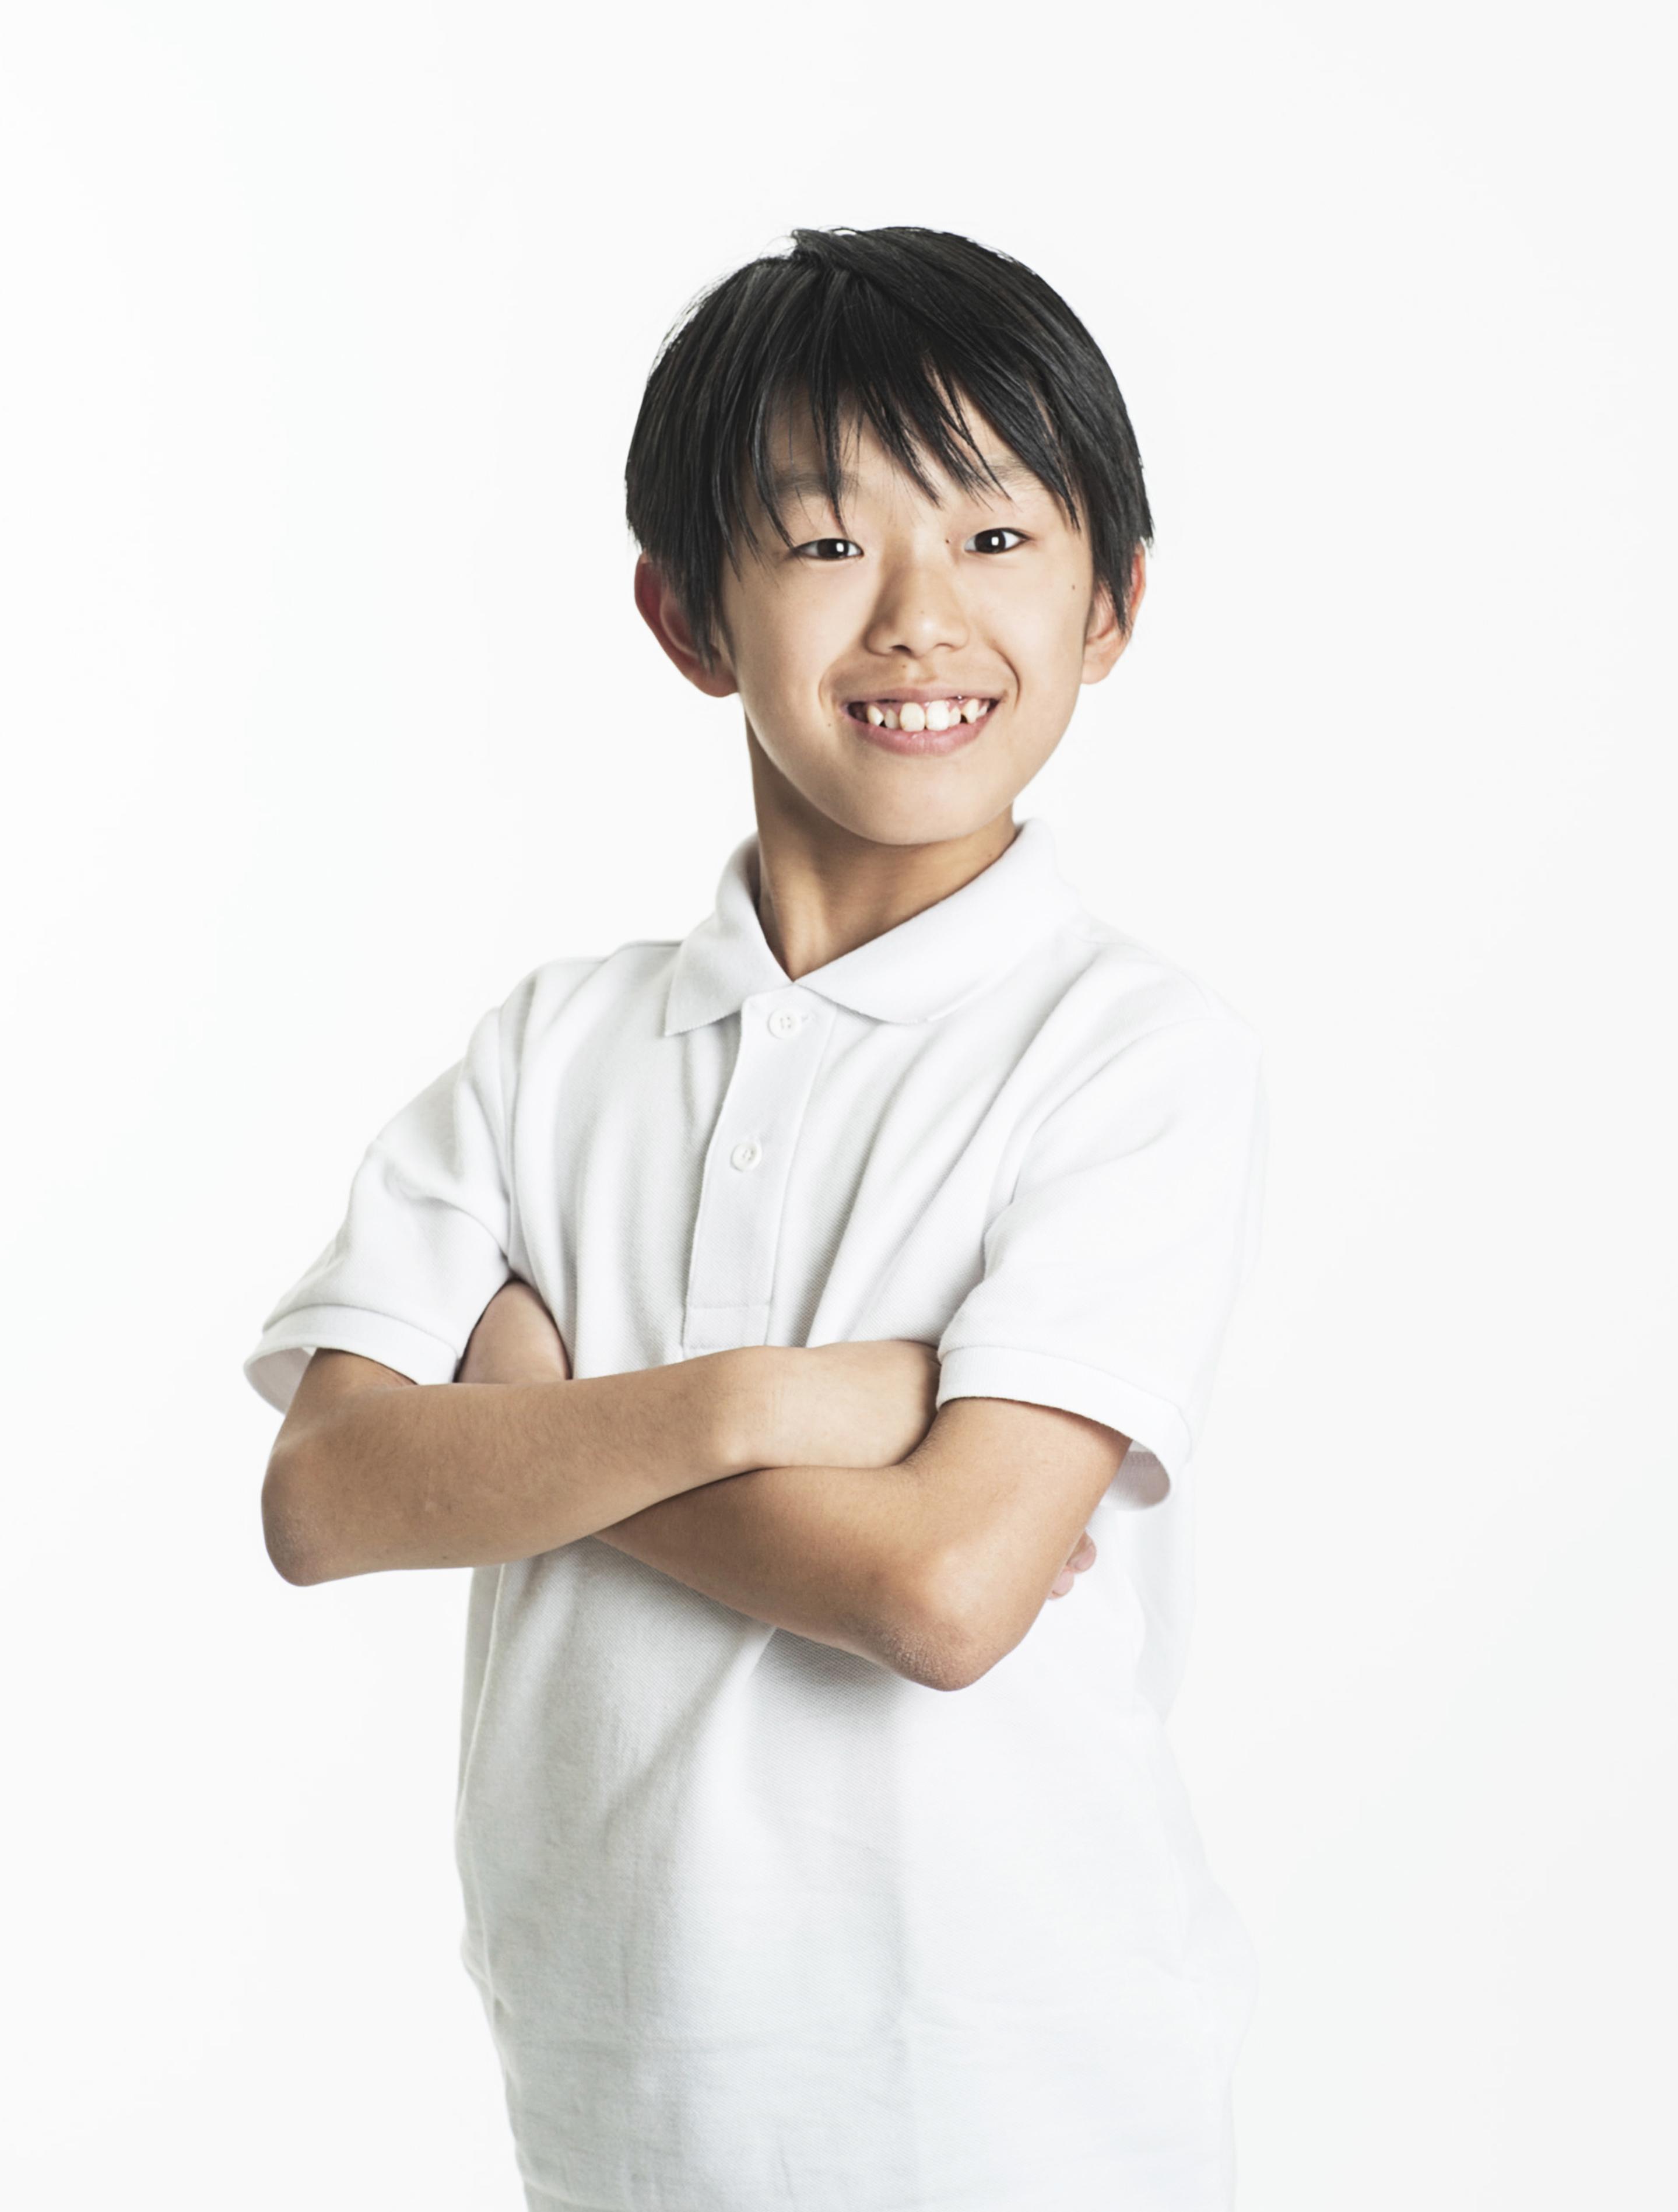 加藤航世(かとう・こうせい)東京出身 13歳